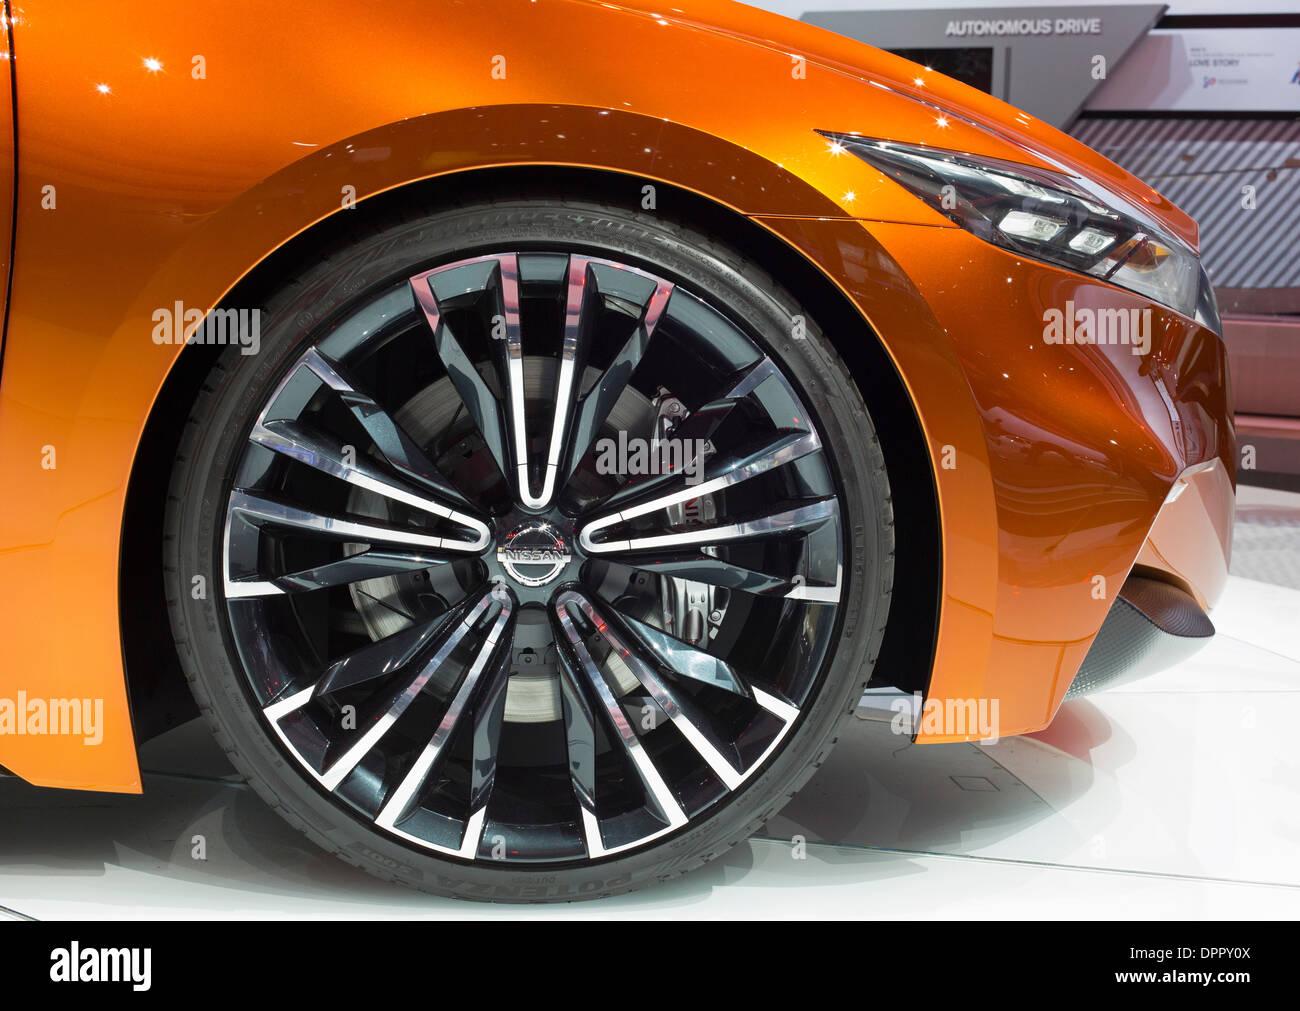 Detroit, Michigan - Nissan Sport Sedán concept car en la exhibición en el North American International Auto Show. Imagen De Stock